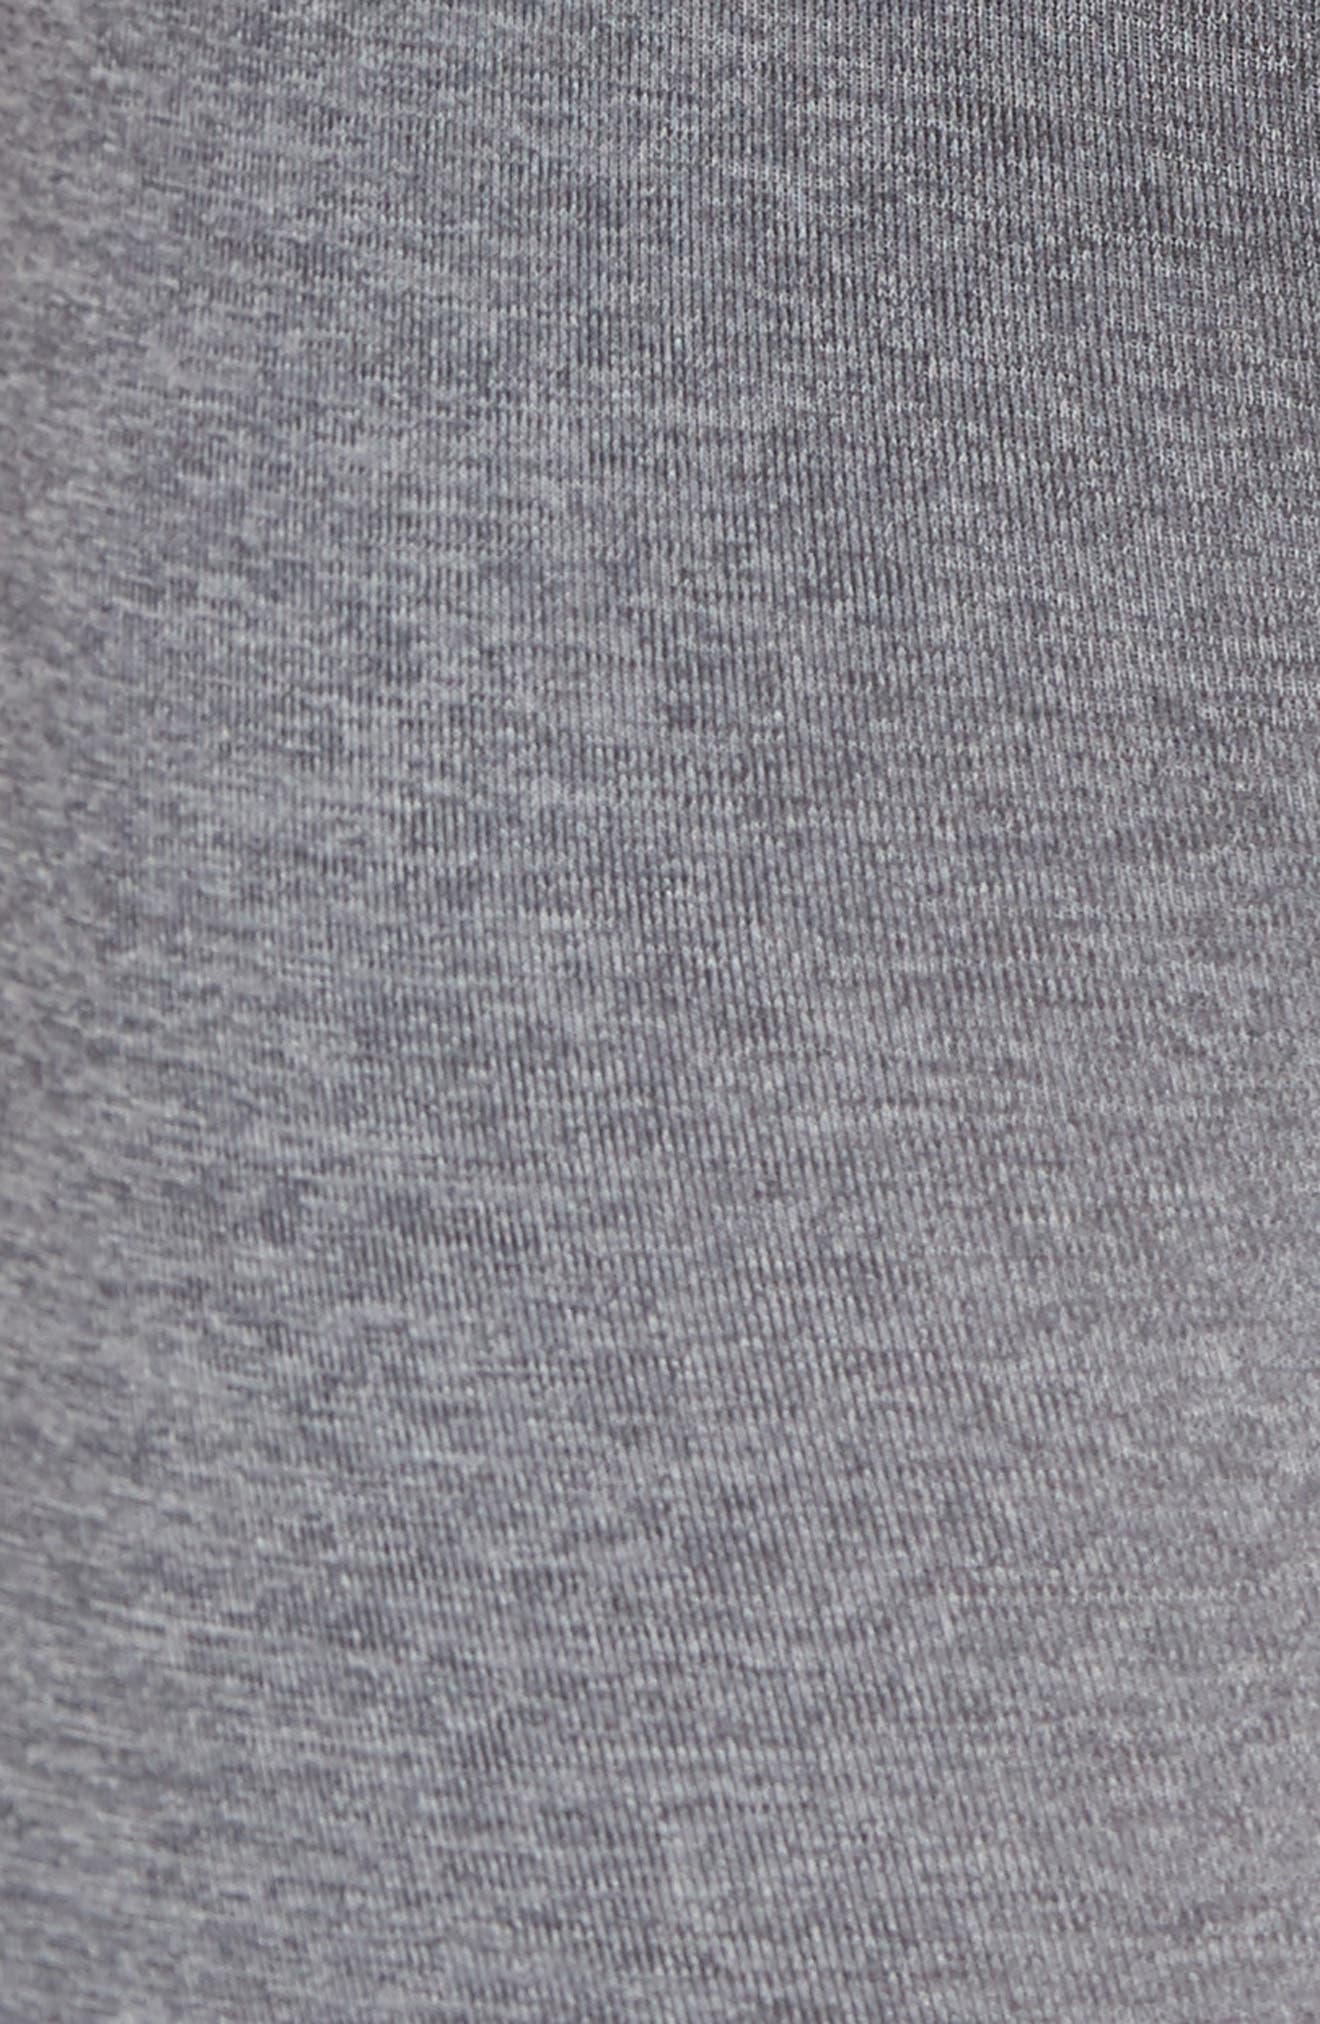 Pro Light Shorts,                             Alternate thumbnail 5, color,                             065